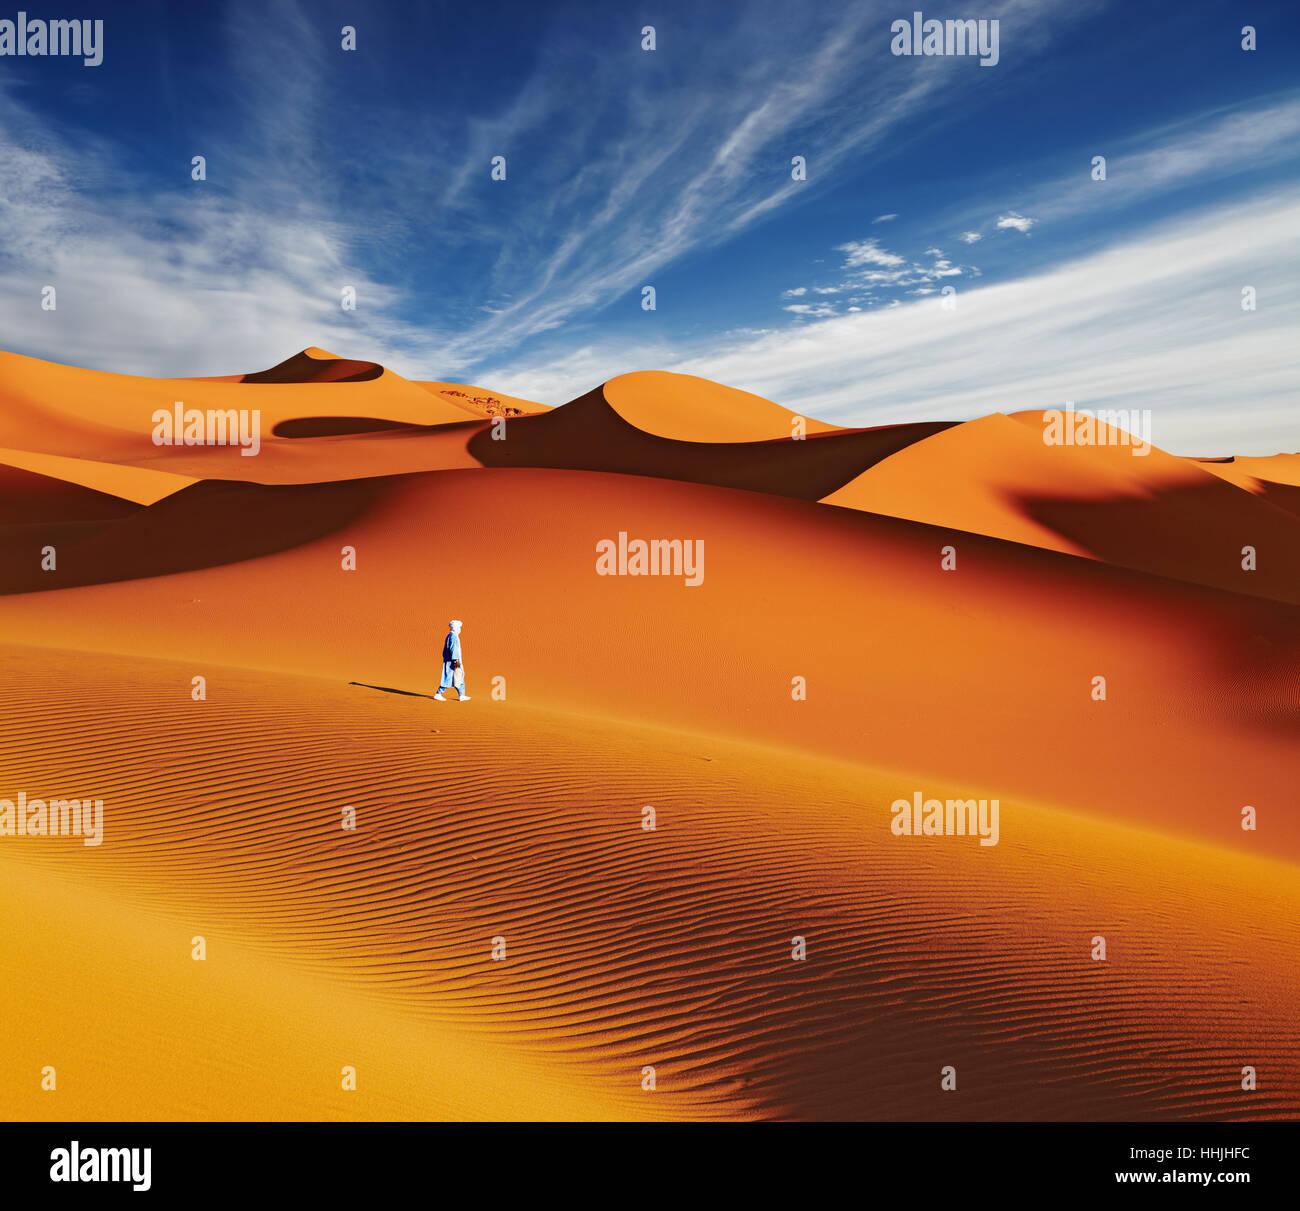 Sand dunes of Sahara Desert, Algeria - Stock Image